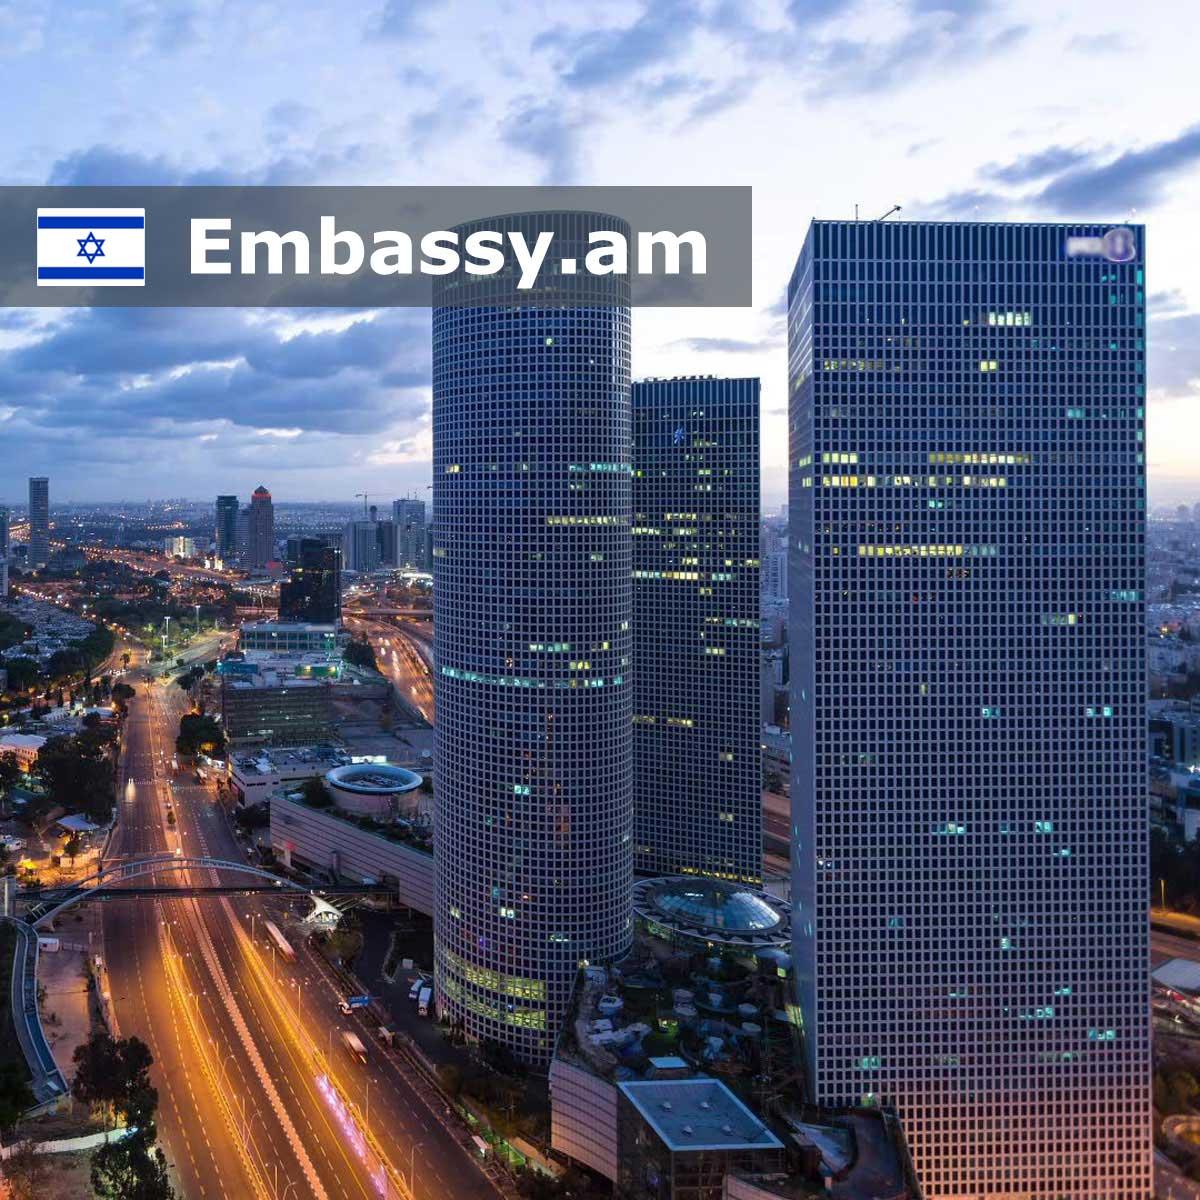 Tel Aviv - Hotels in Israel - Embassy.am